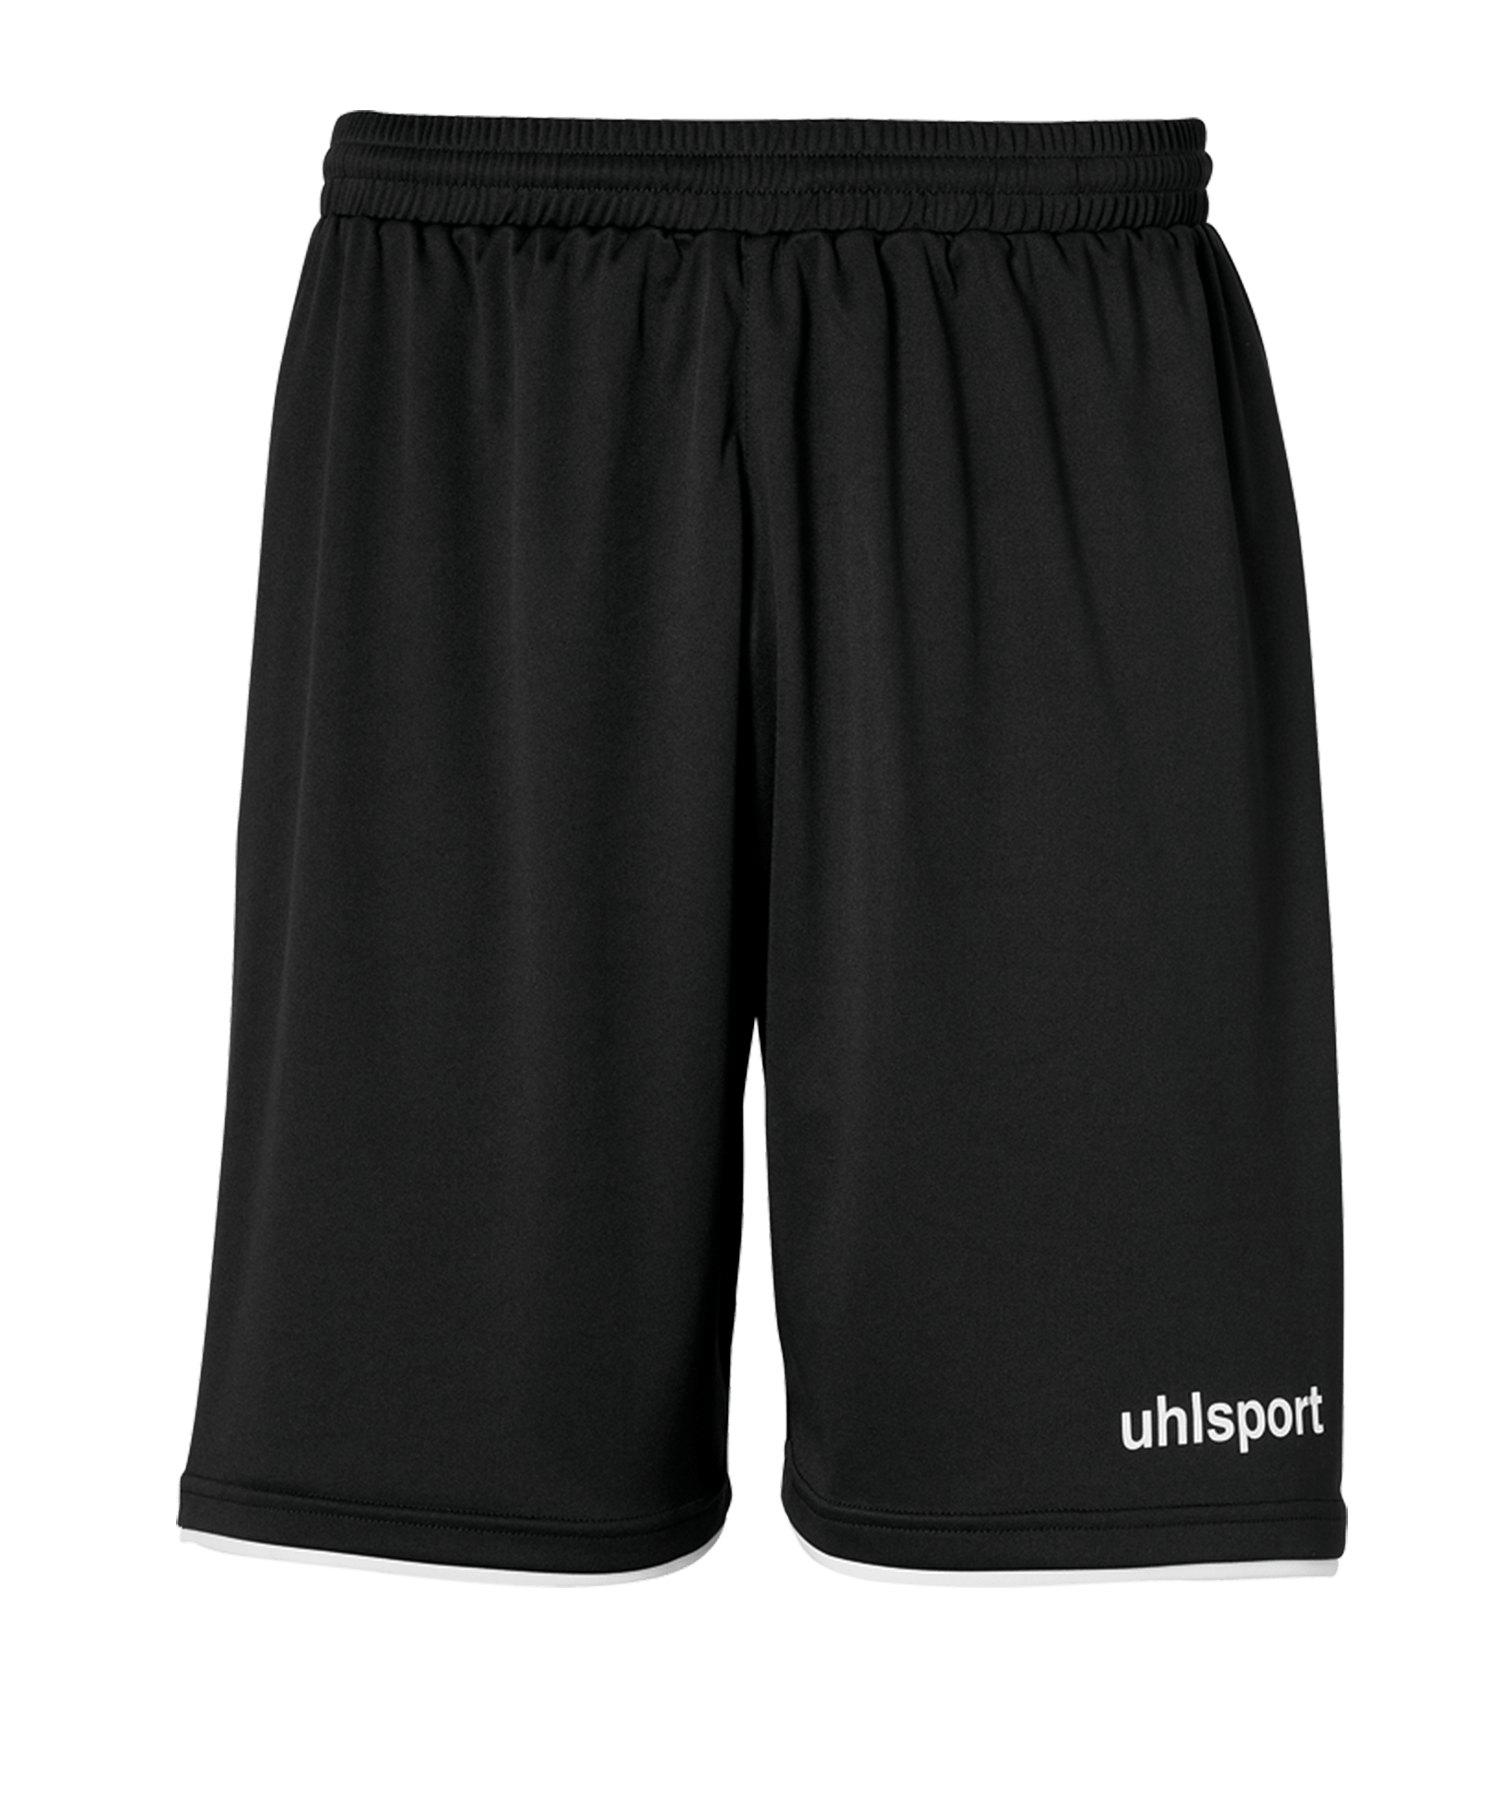 Uhlsport Club Short Kids Schwarz Weiss F01 - schwarz